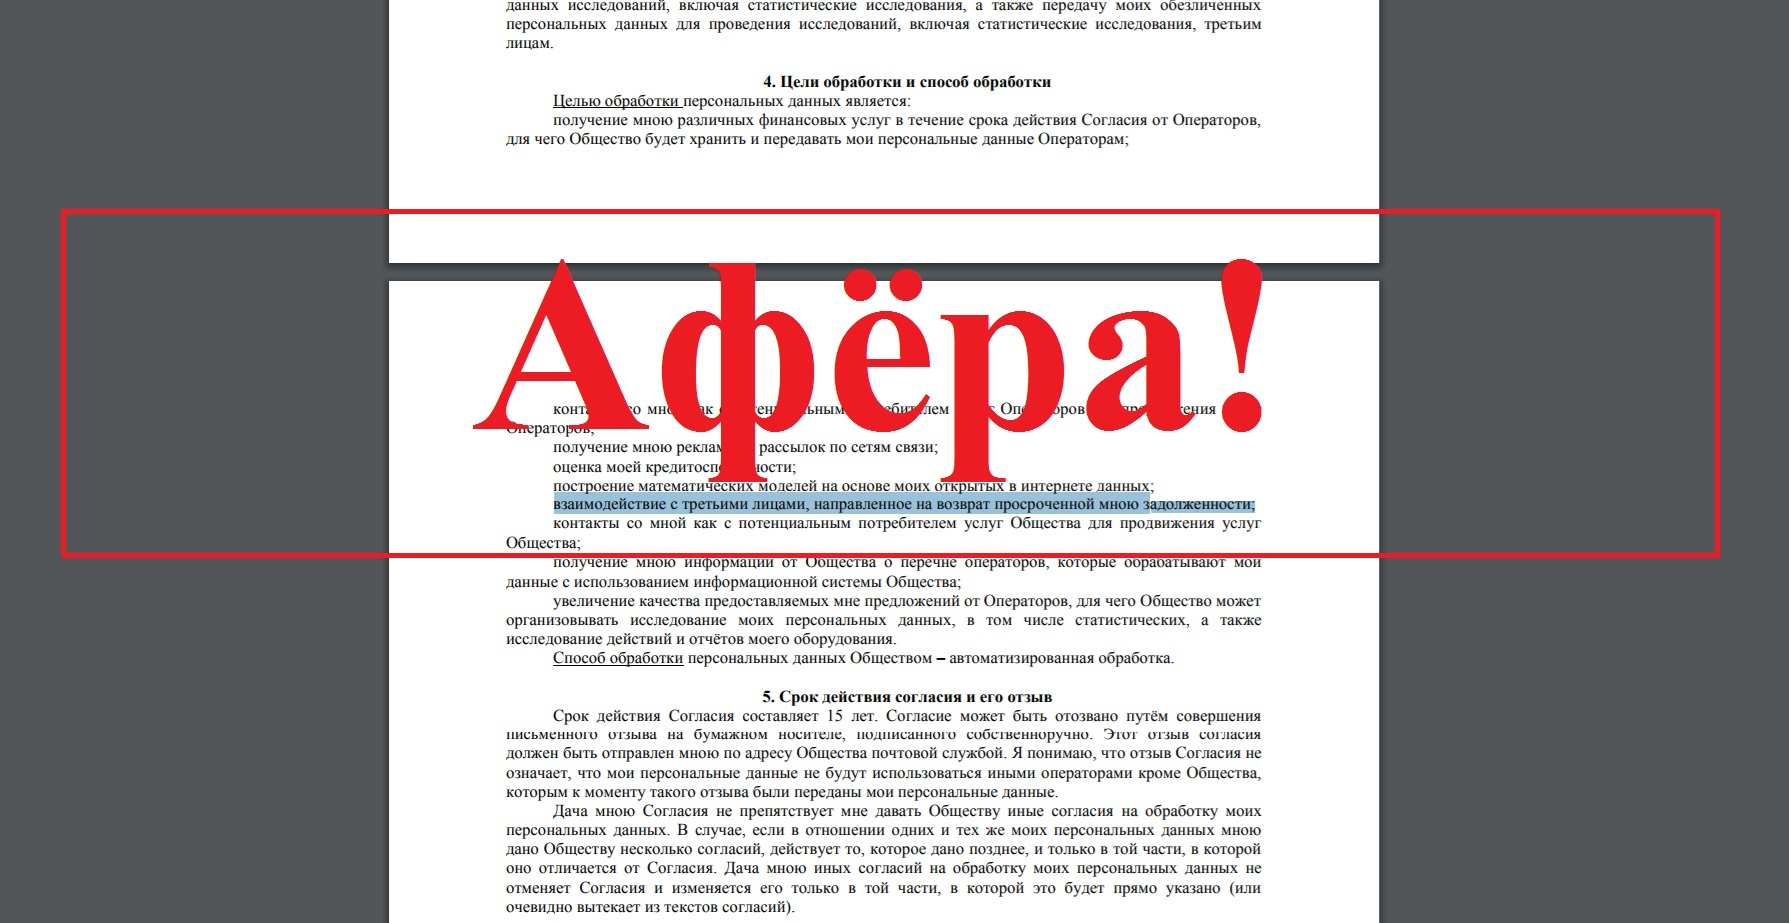 Кредит без отказа – отзывы клиентов о kredit-bez-otkaza.com